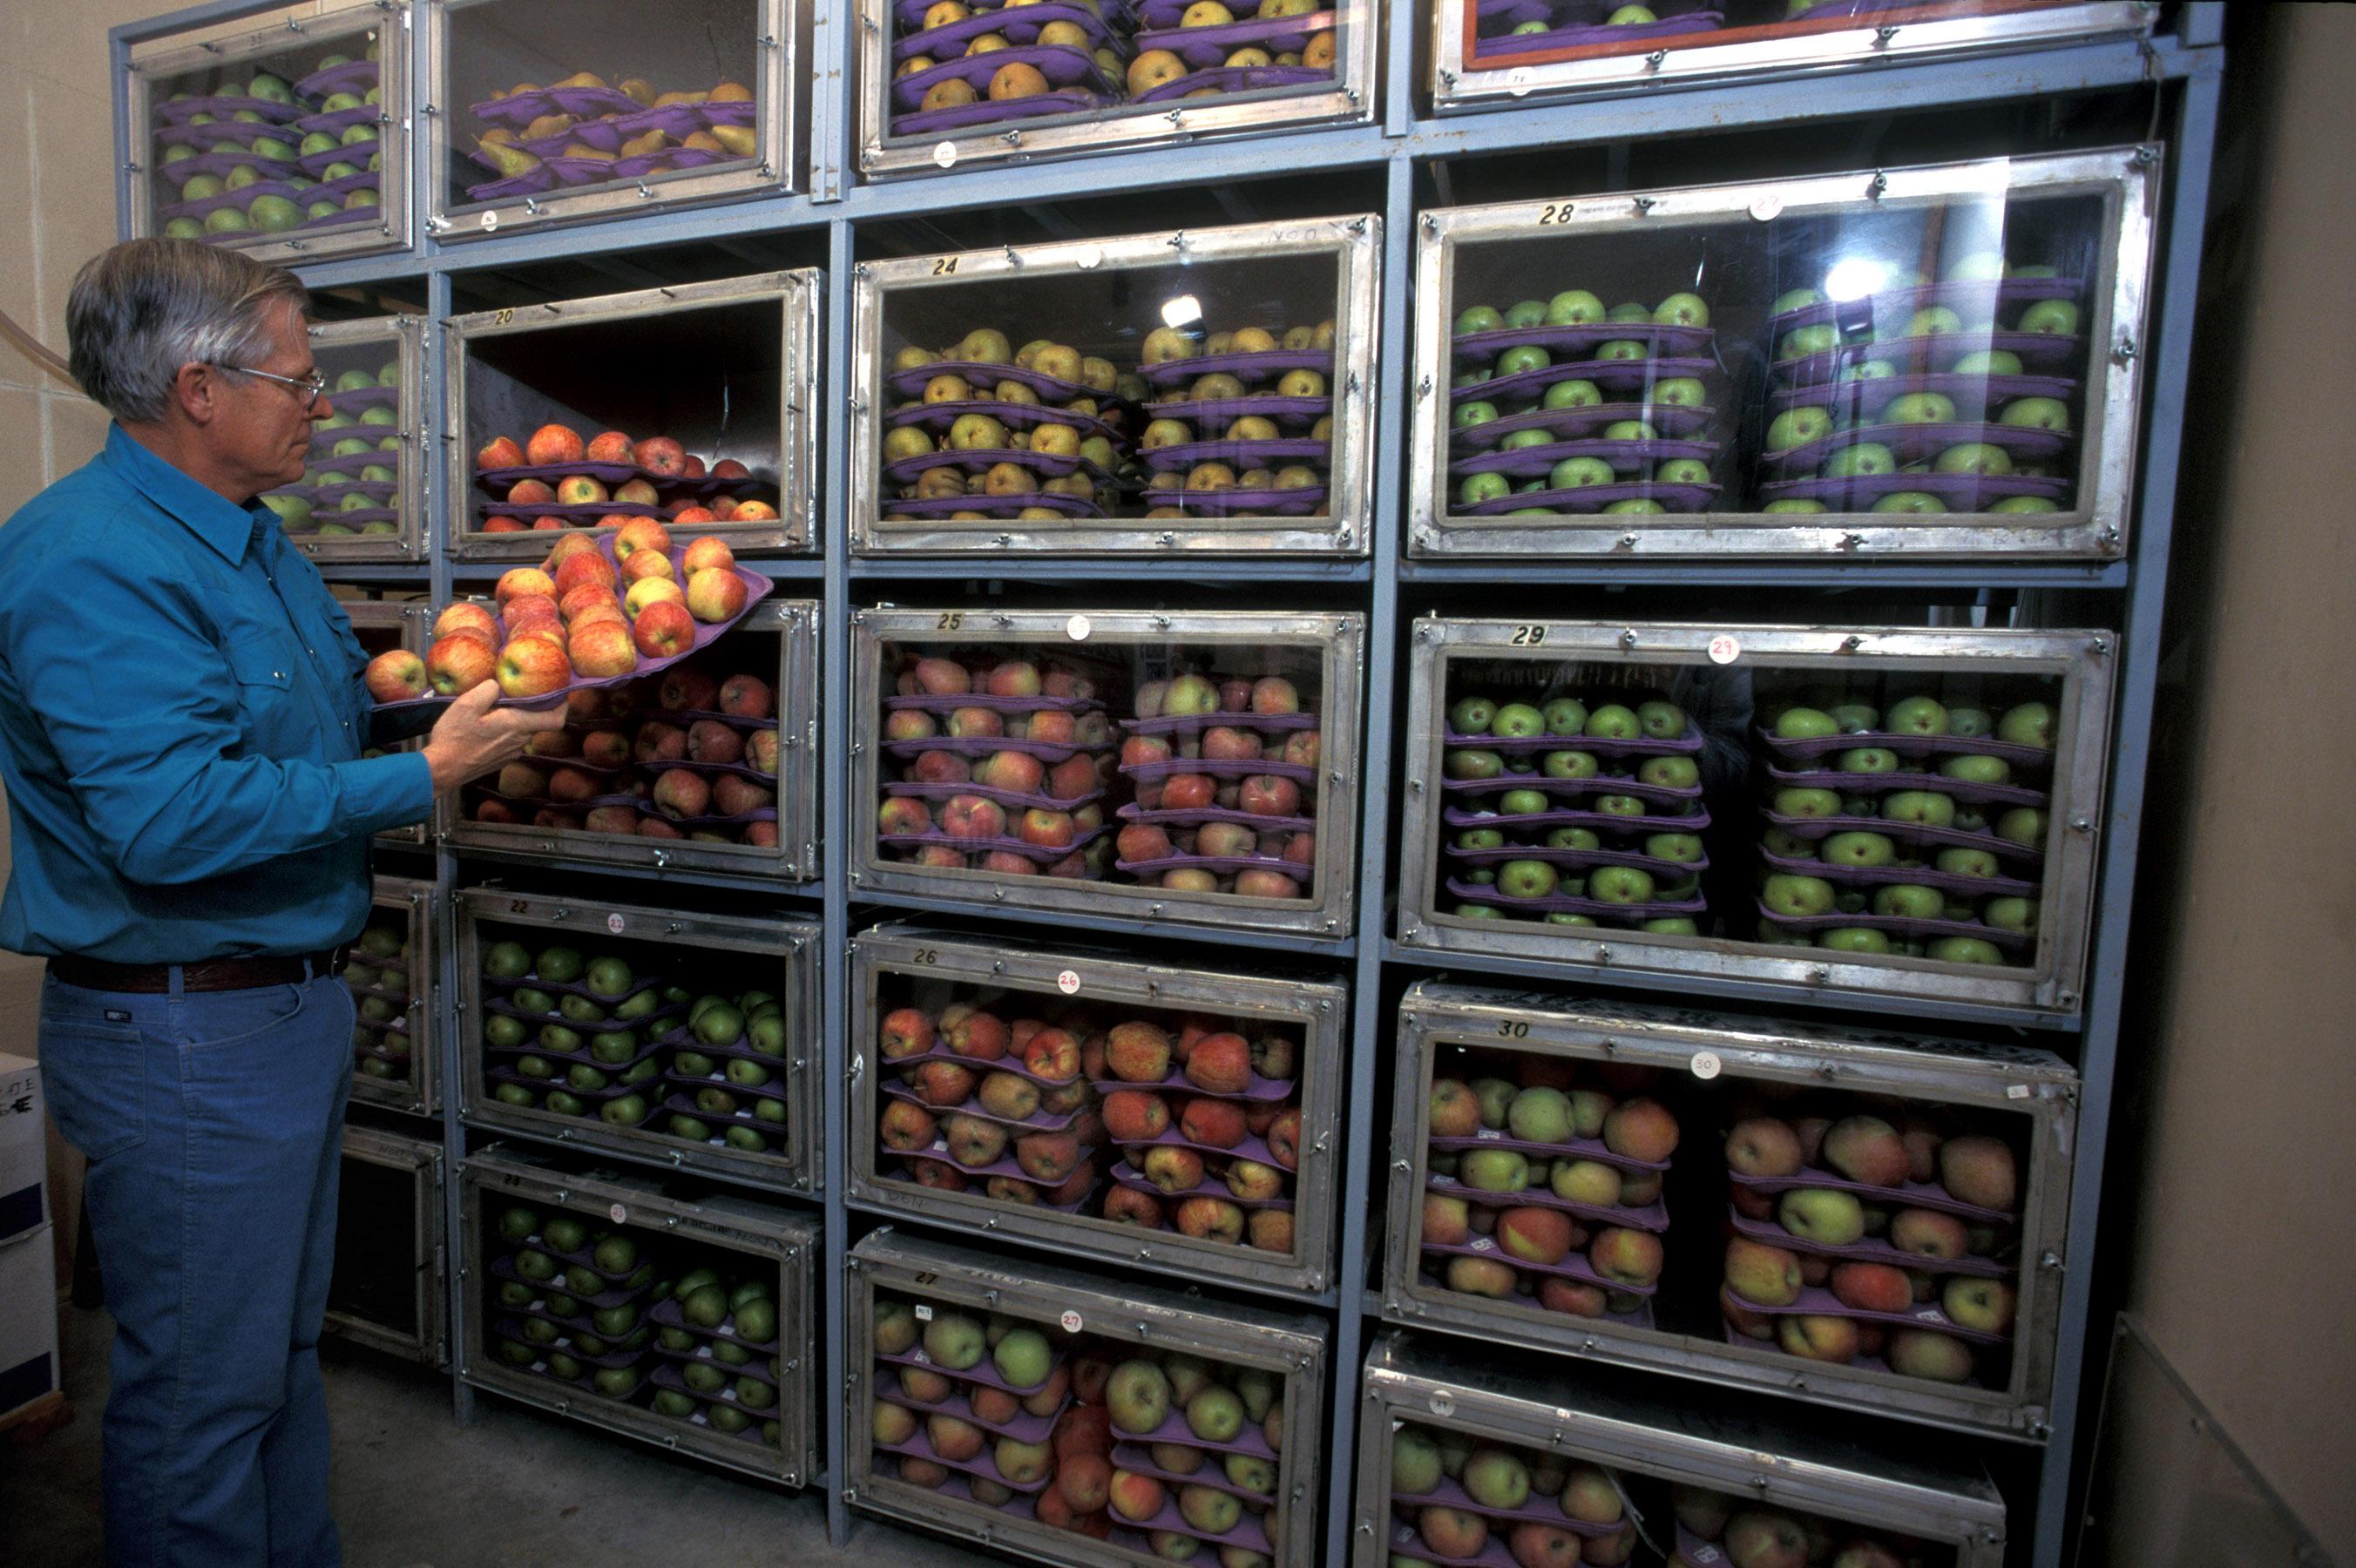 Регулярно проверять условия хранения овощей и фруктов. При необходимости выбрасывать те плоды, которые изменили плотность, цвет или испортились